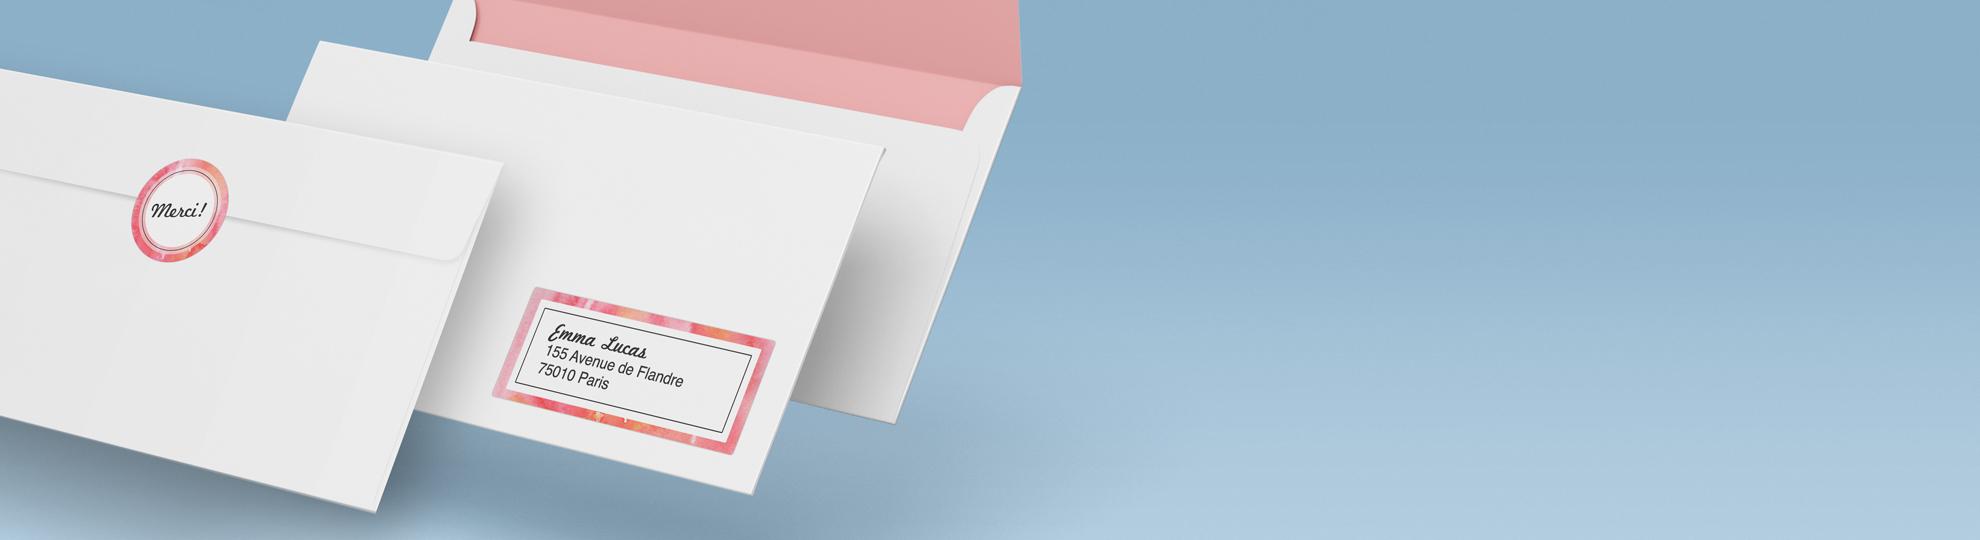 imprimer étiquette personnalisée